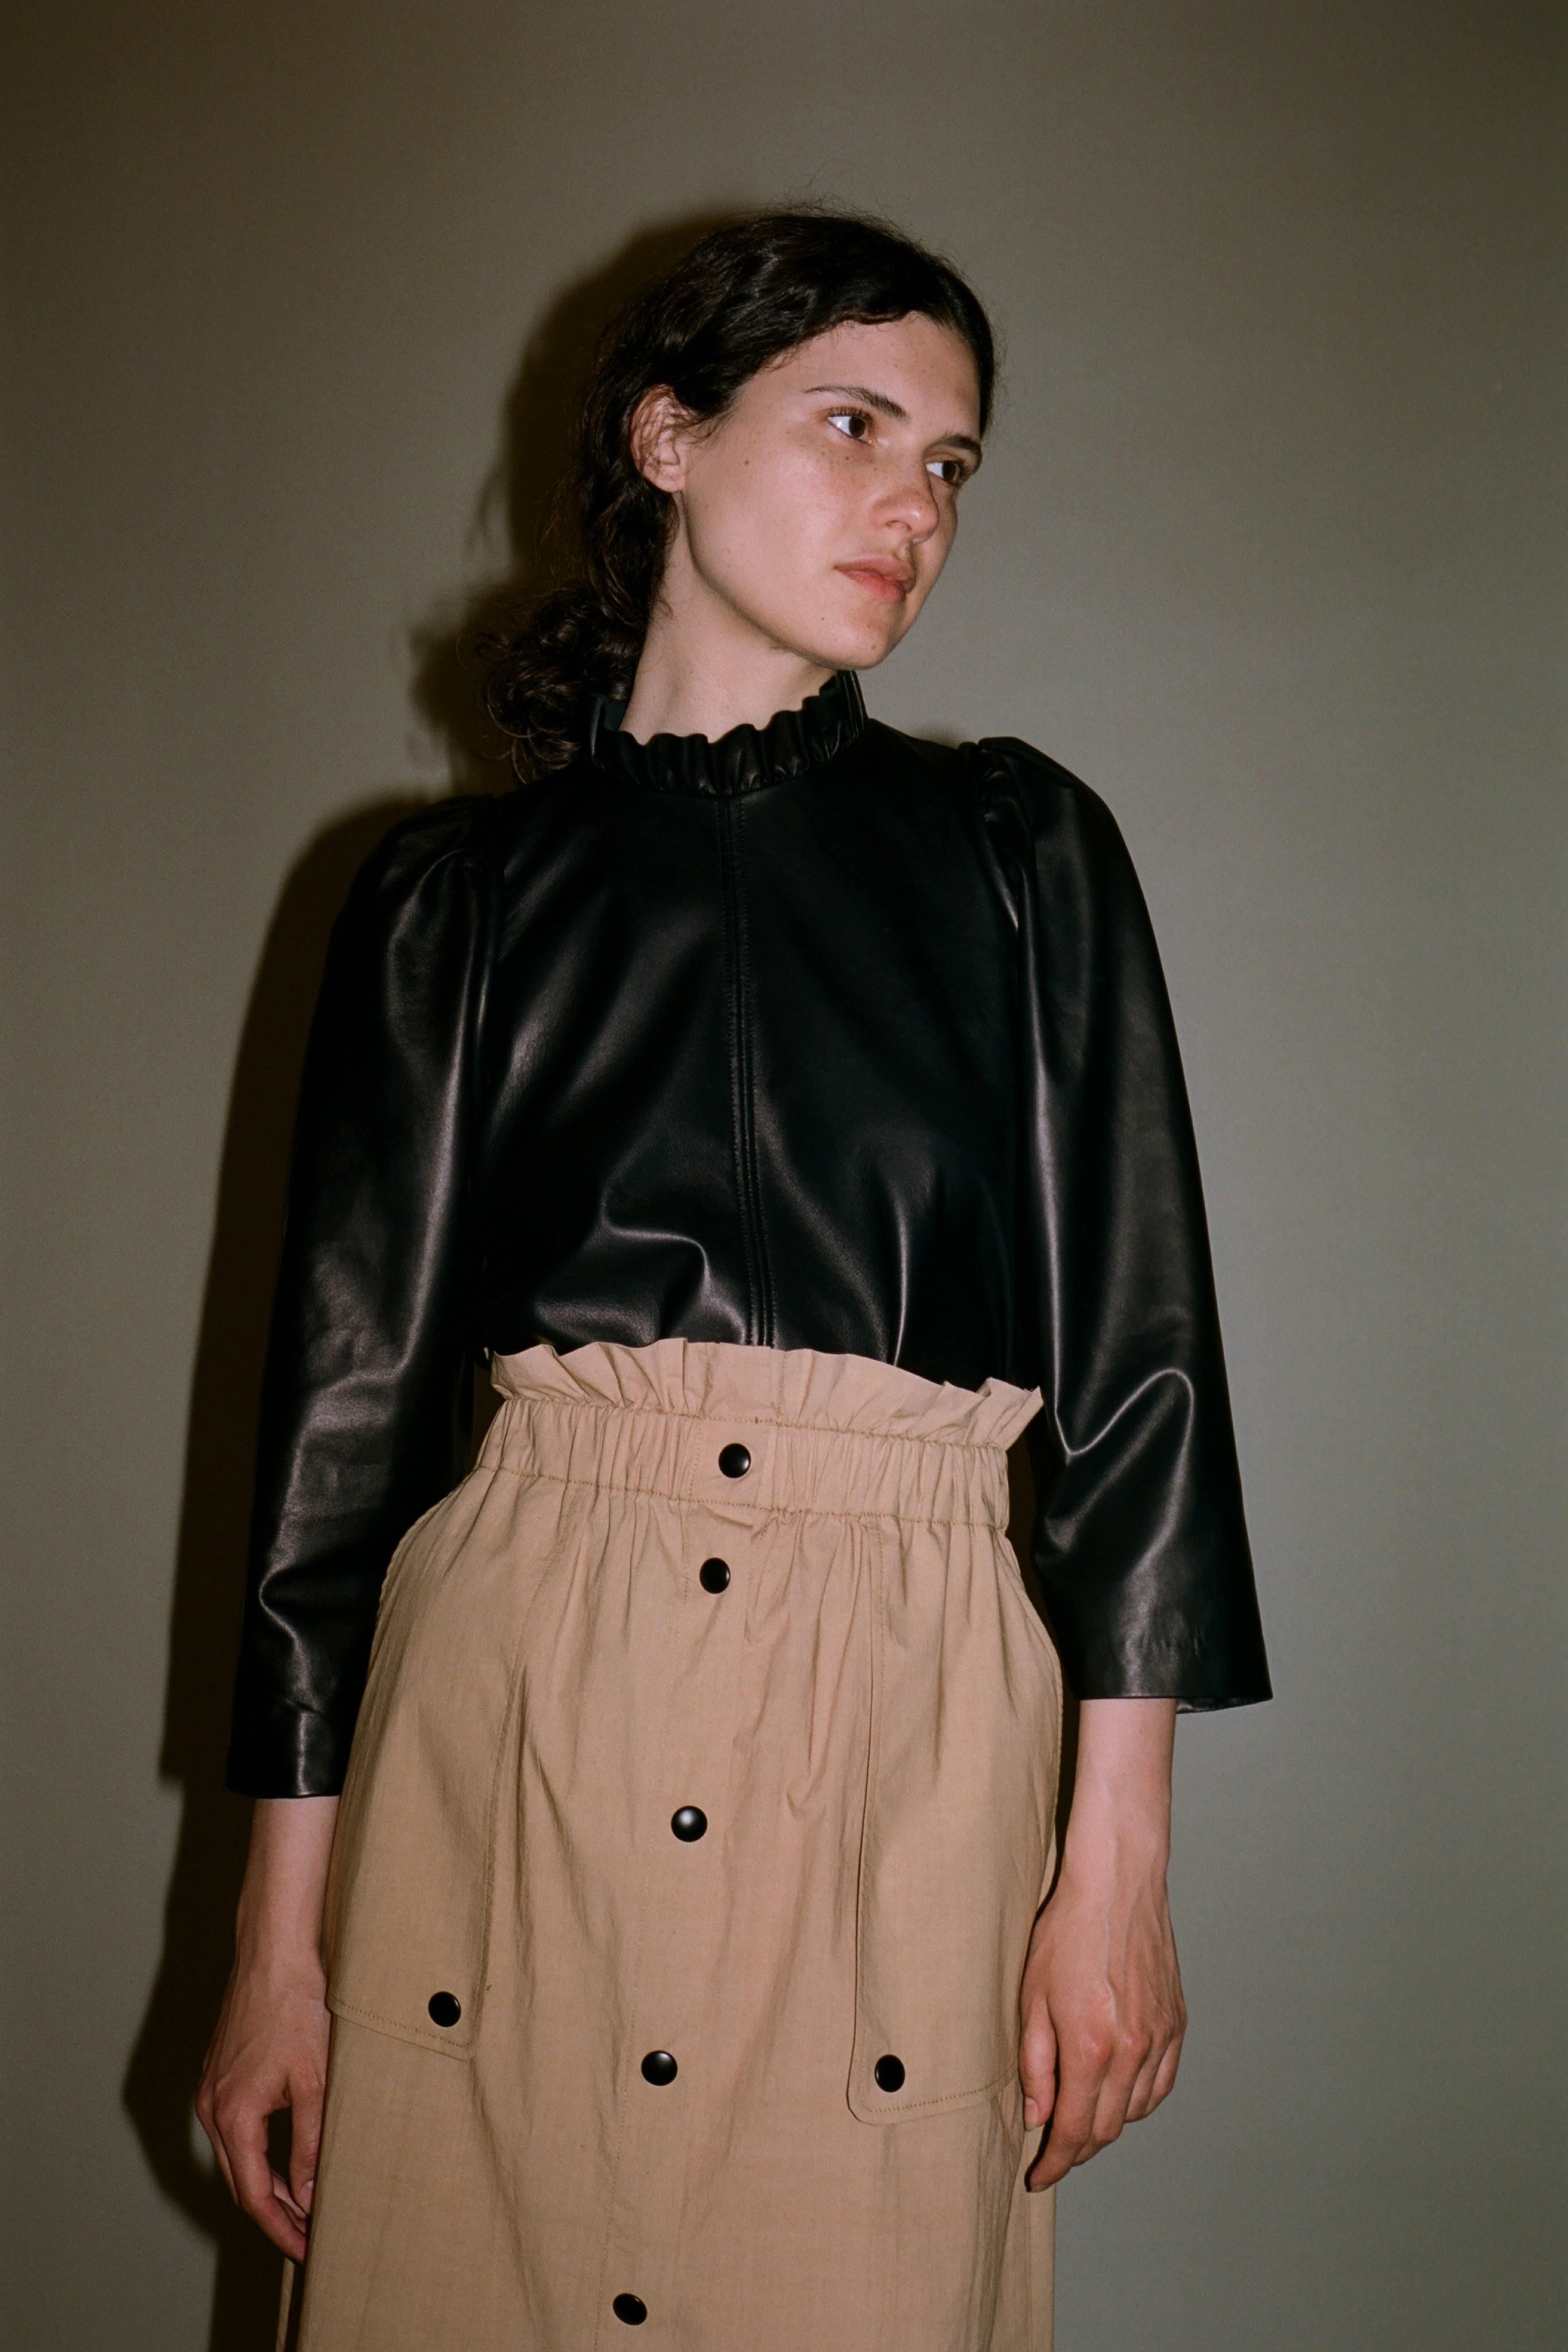 Lydia leather blouse, Scott skirt